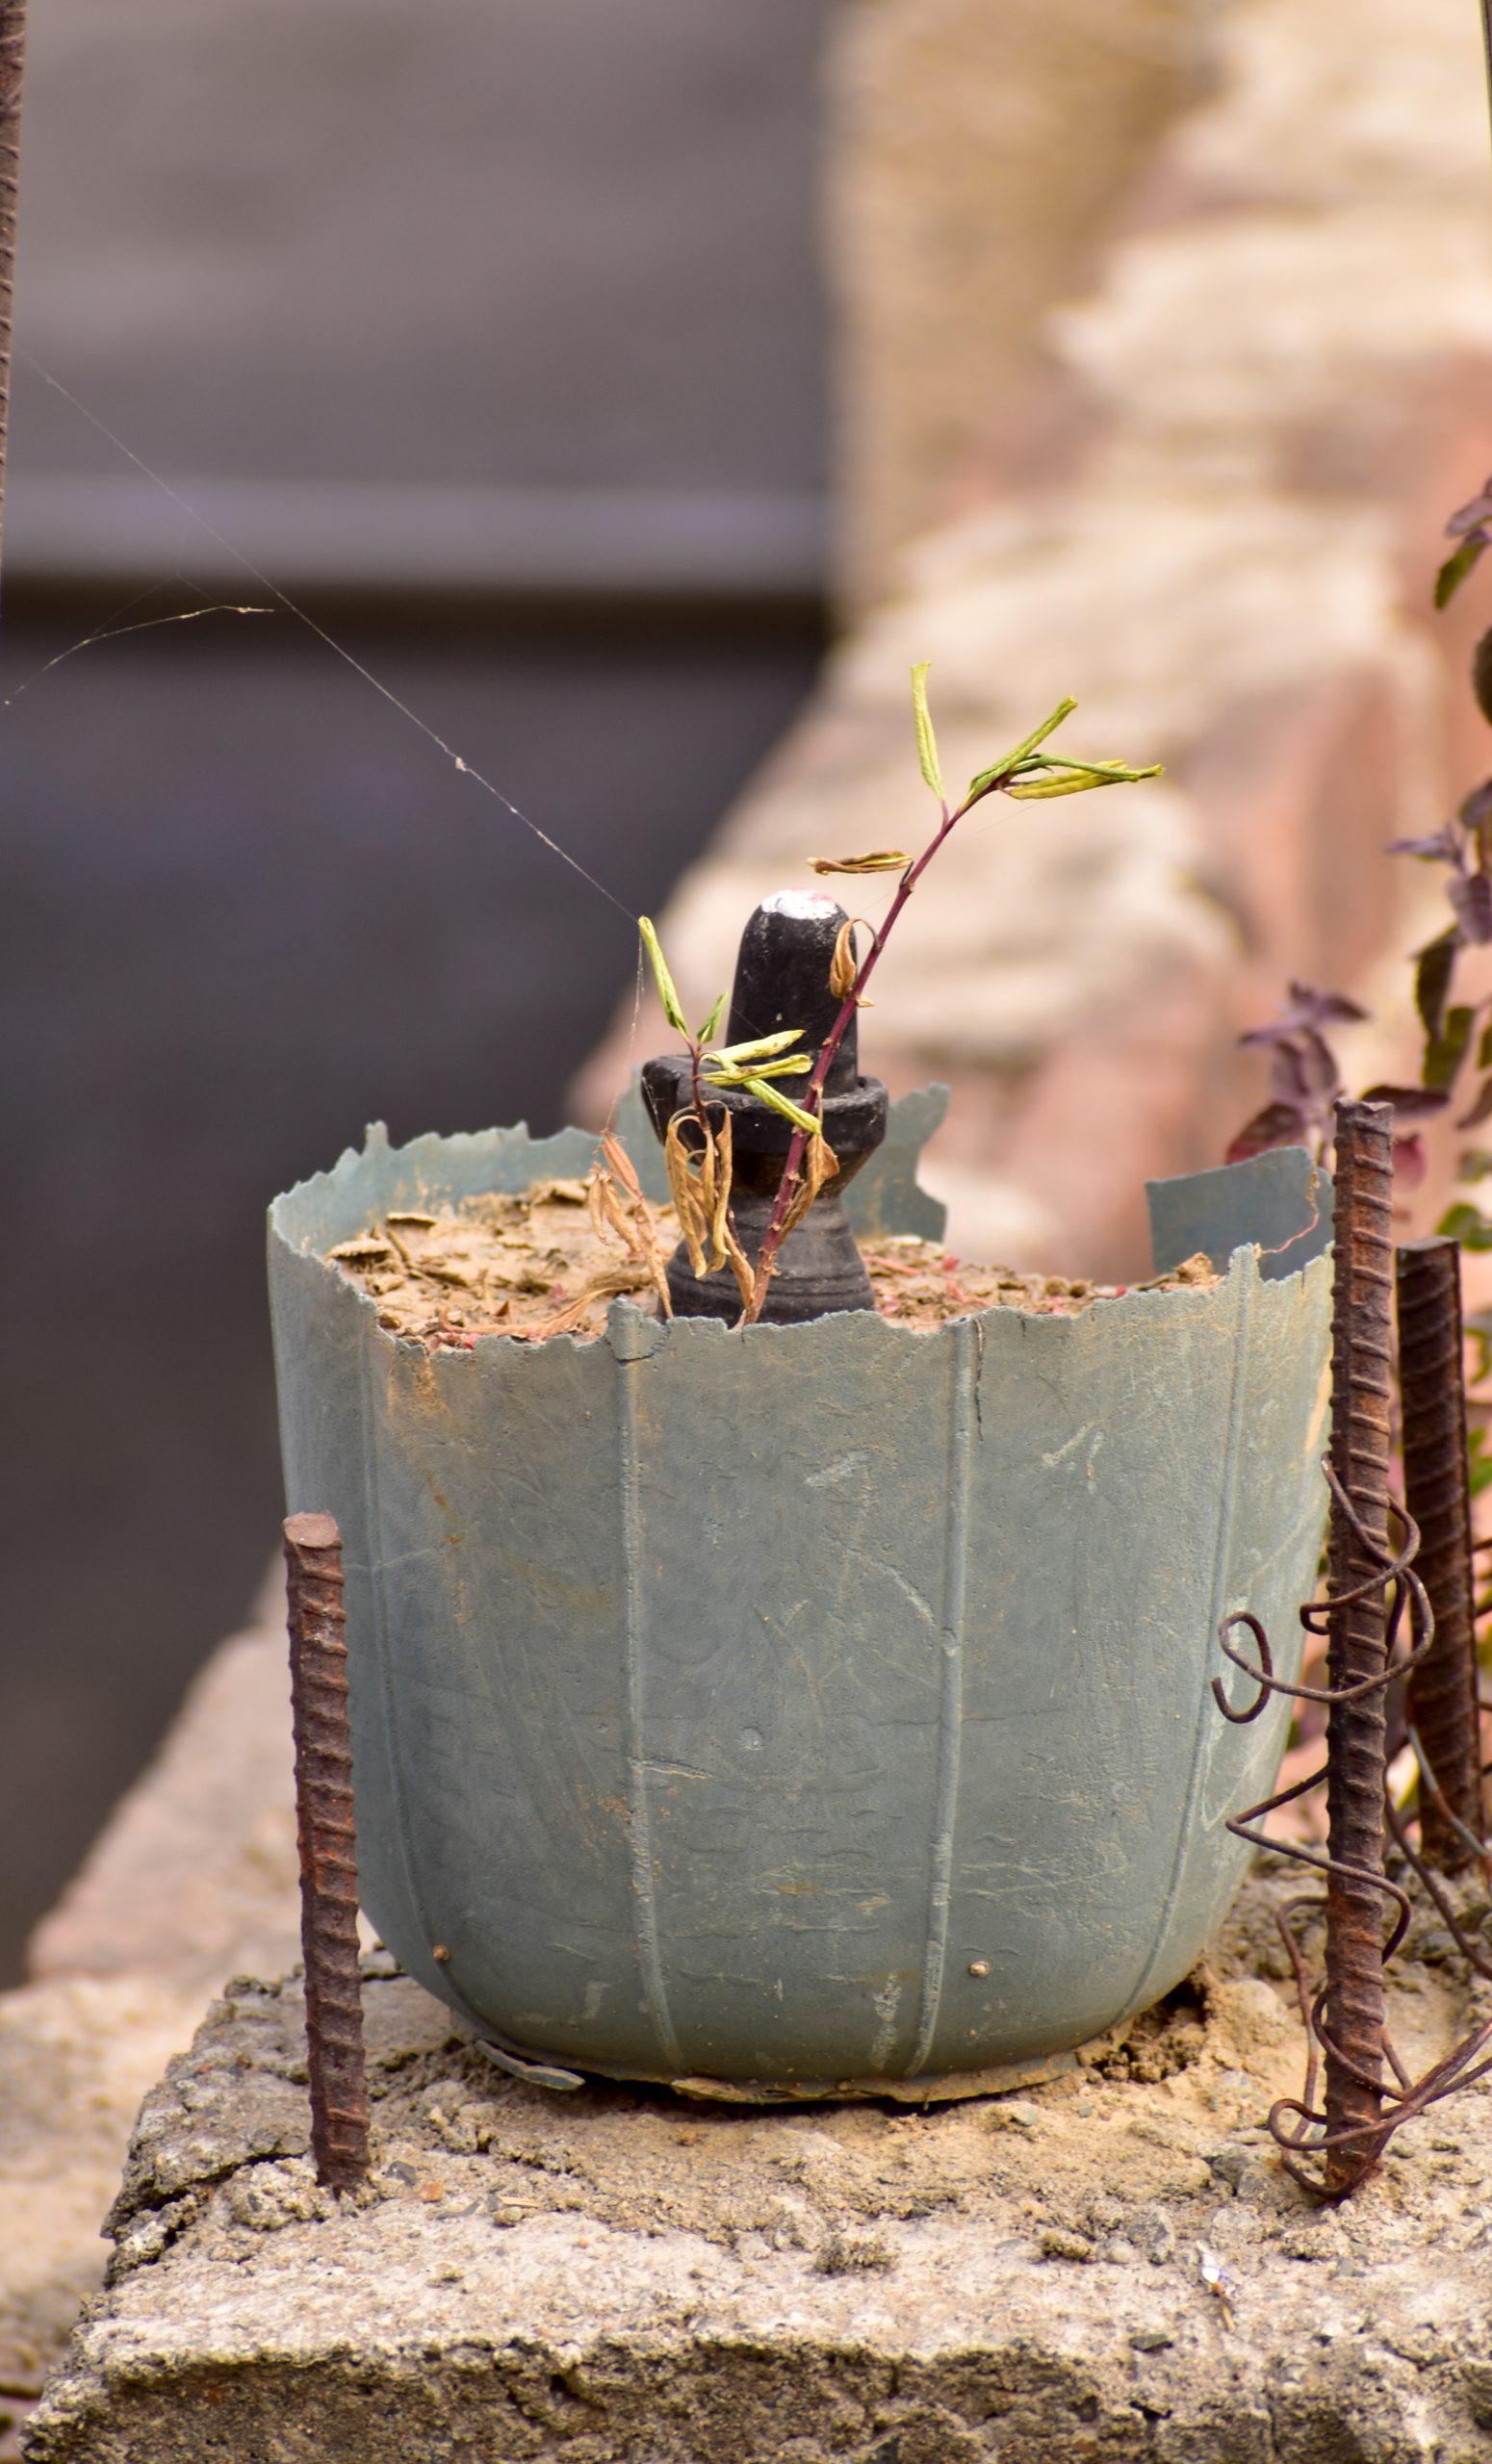 A Lingam in a pot